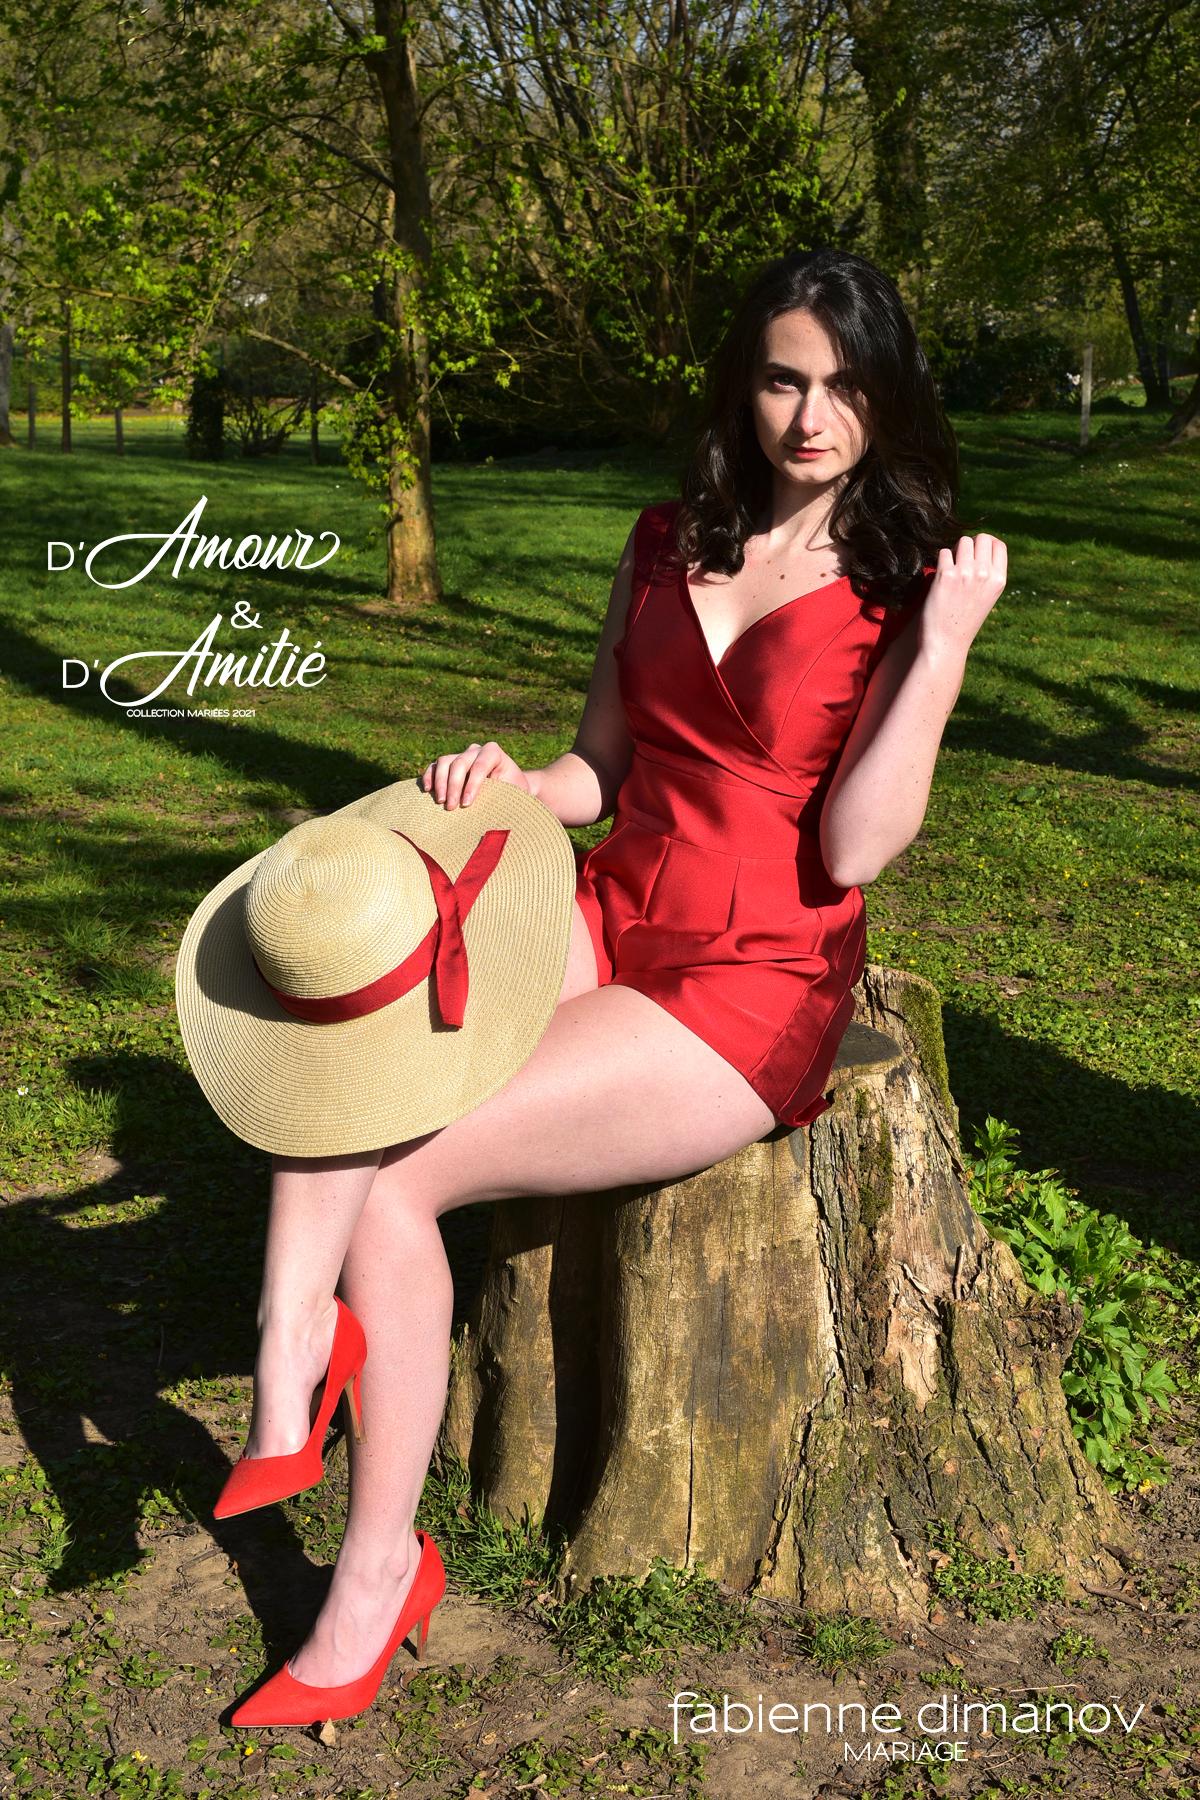 Amour Pourpre - D'Amour & D'Amitié - saison 2 - Miss fab - Fabienne Dimanov Paris